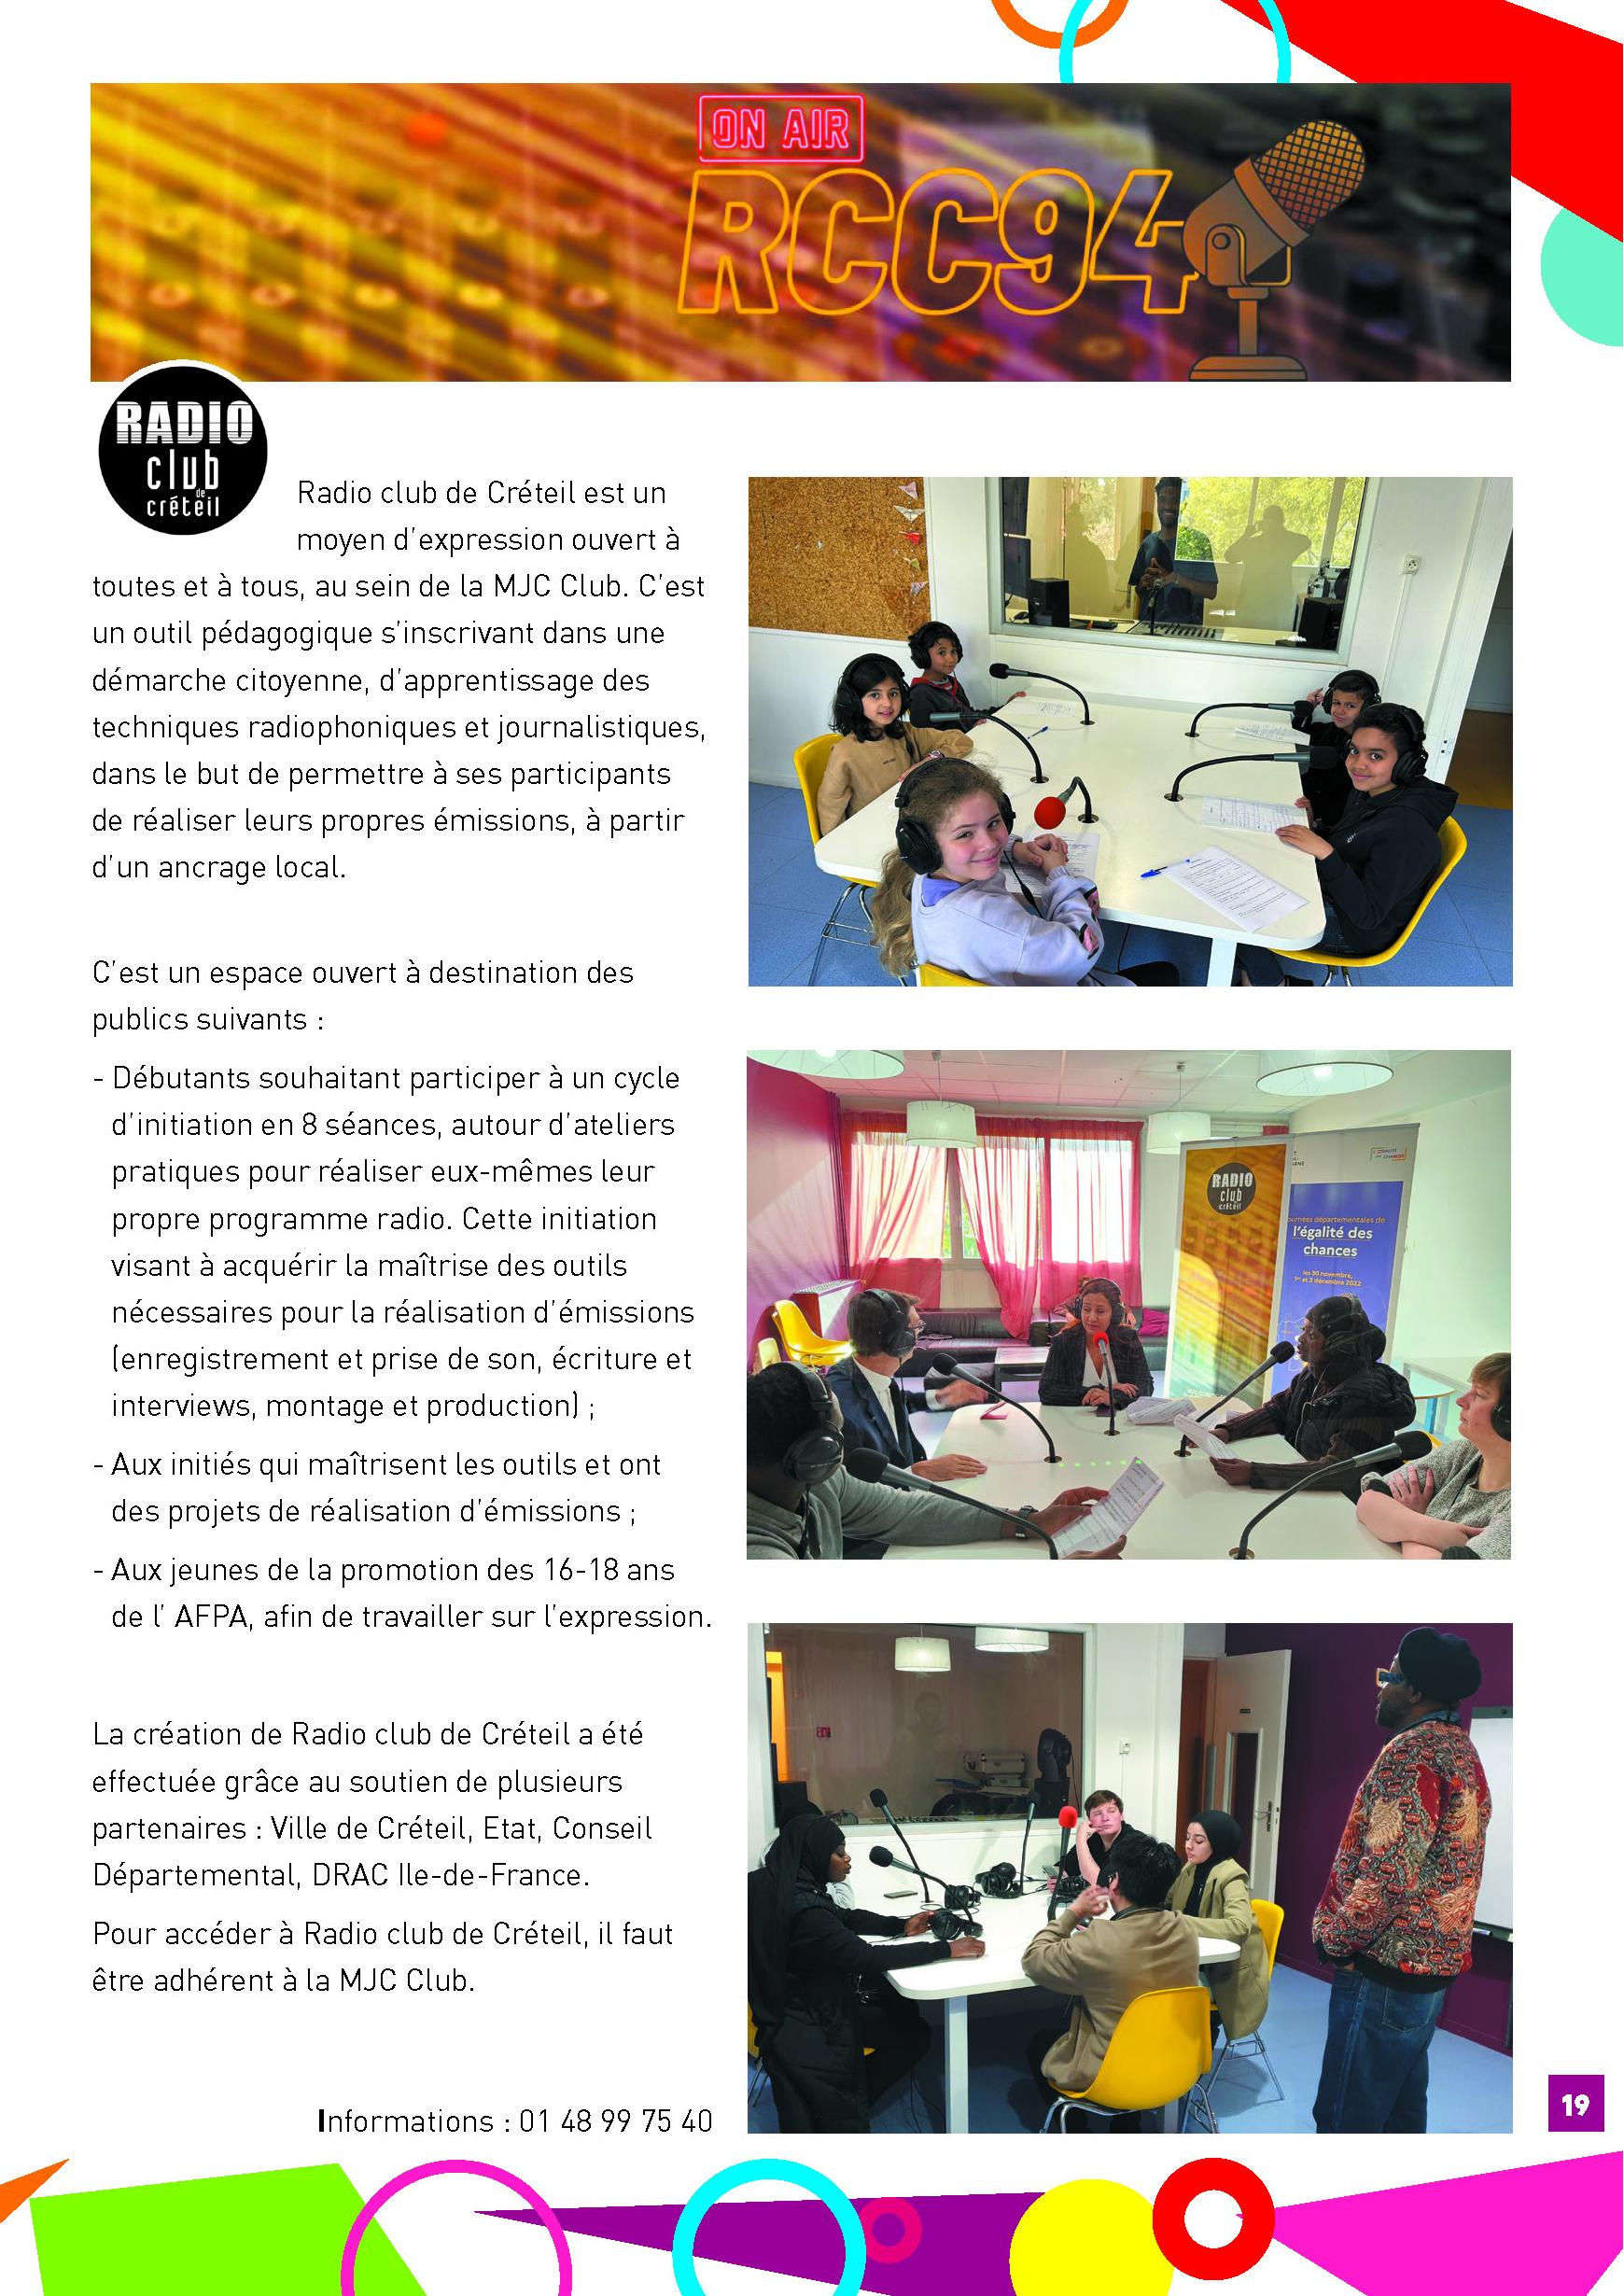 Webradio club de cr teil - Politique de confidentialite ...